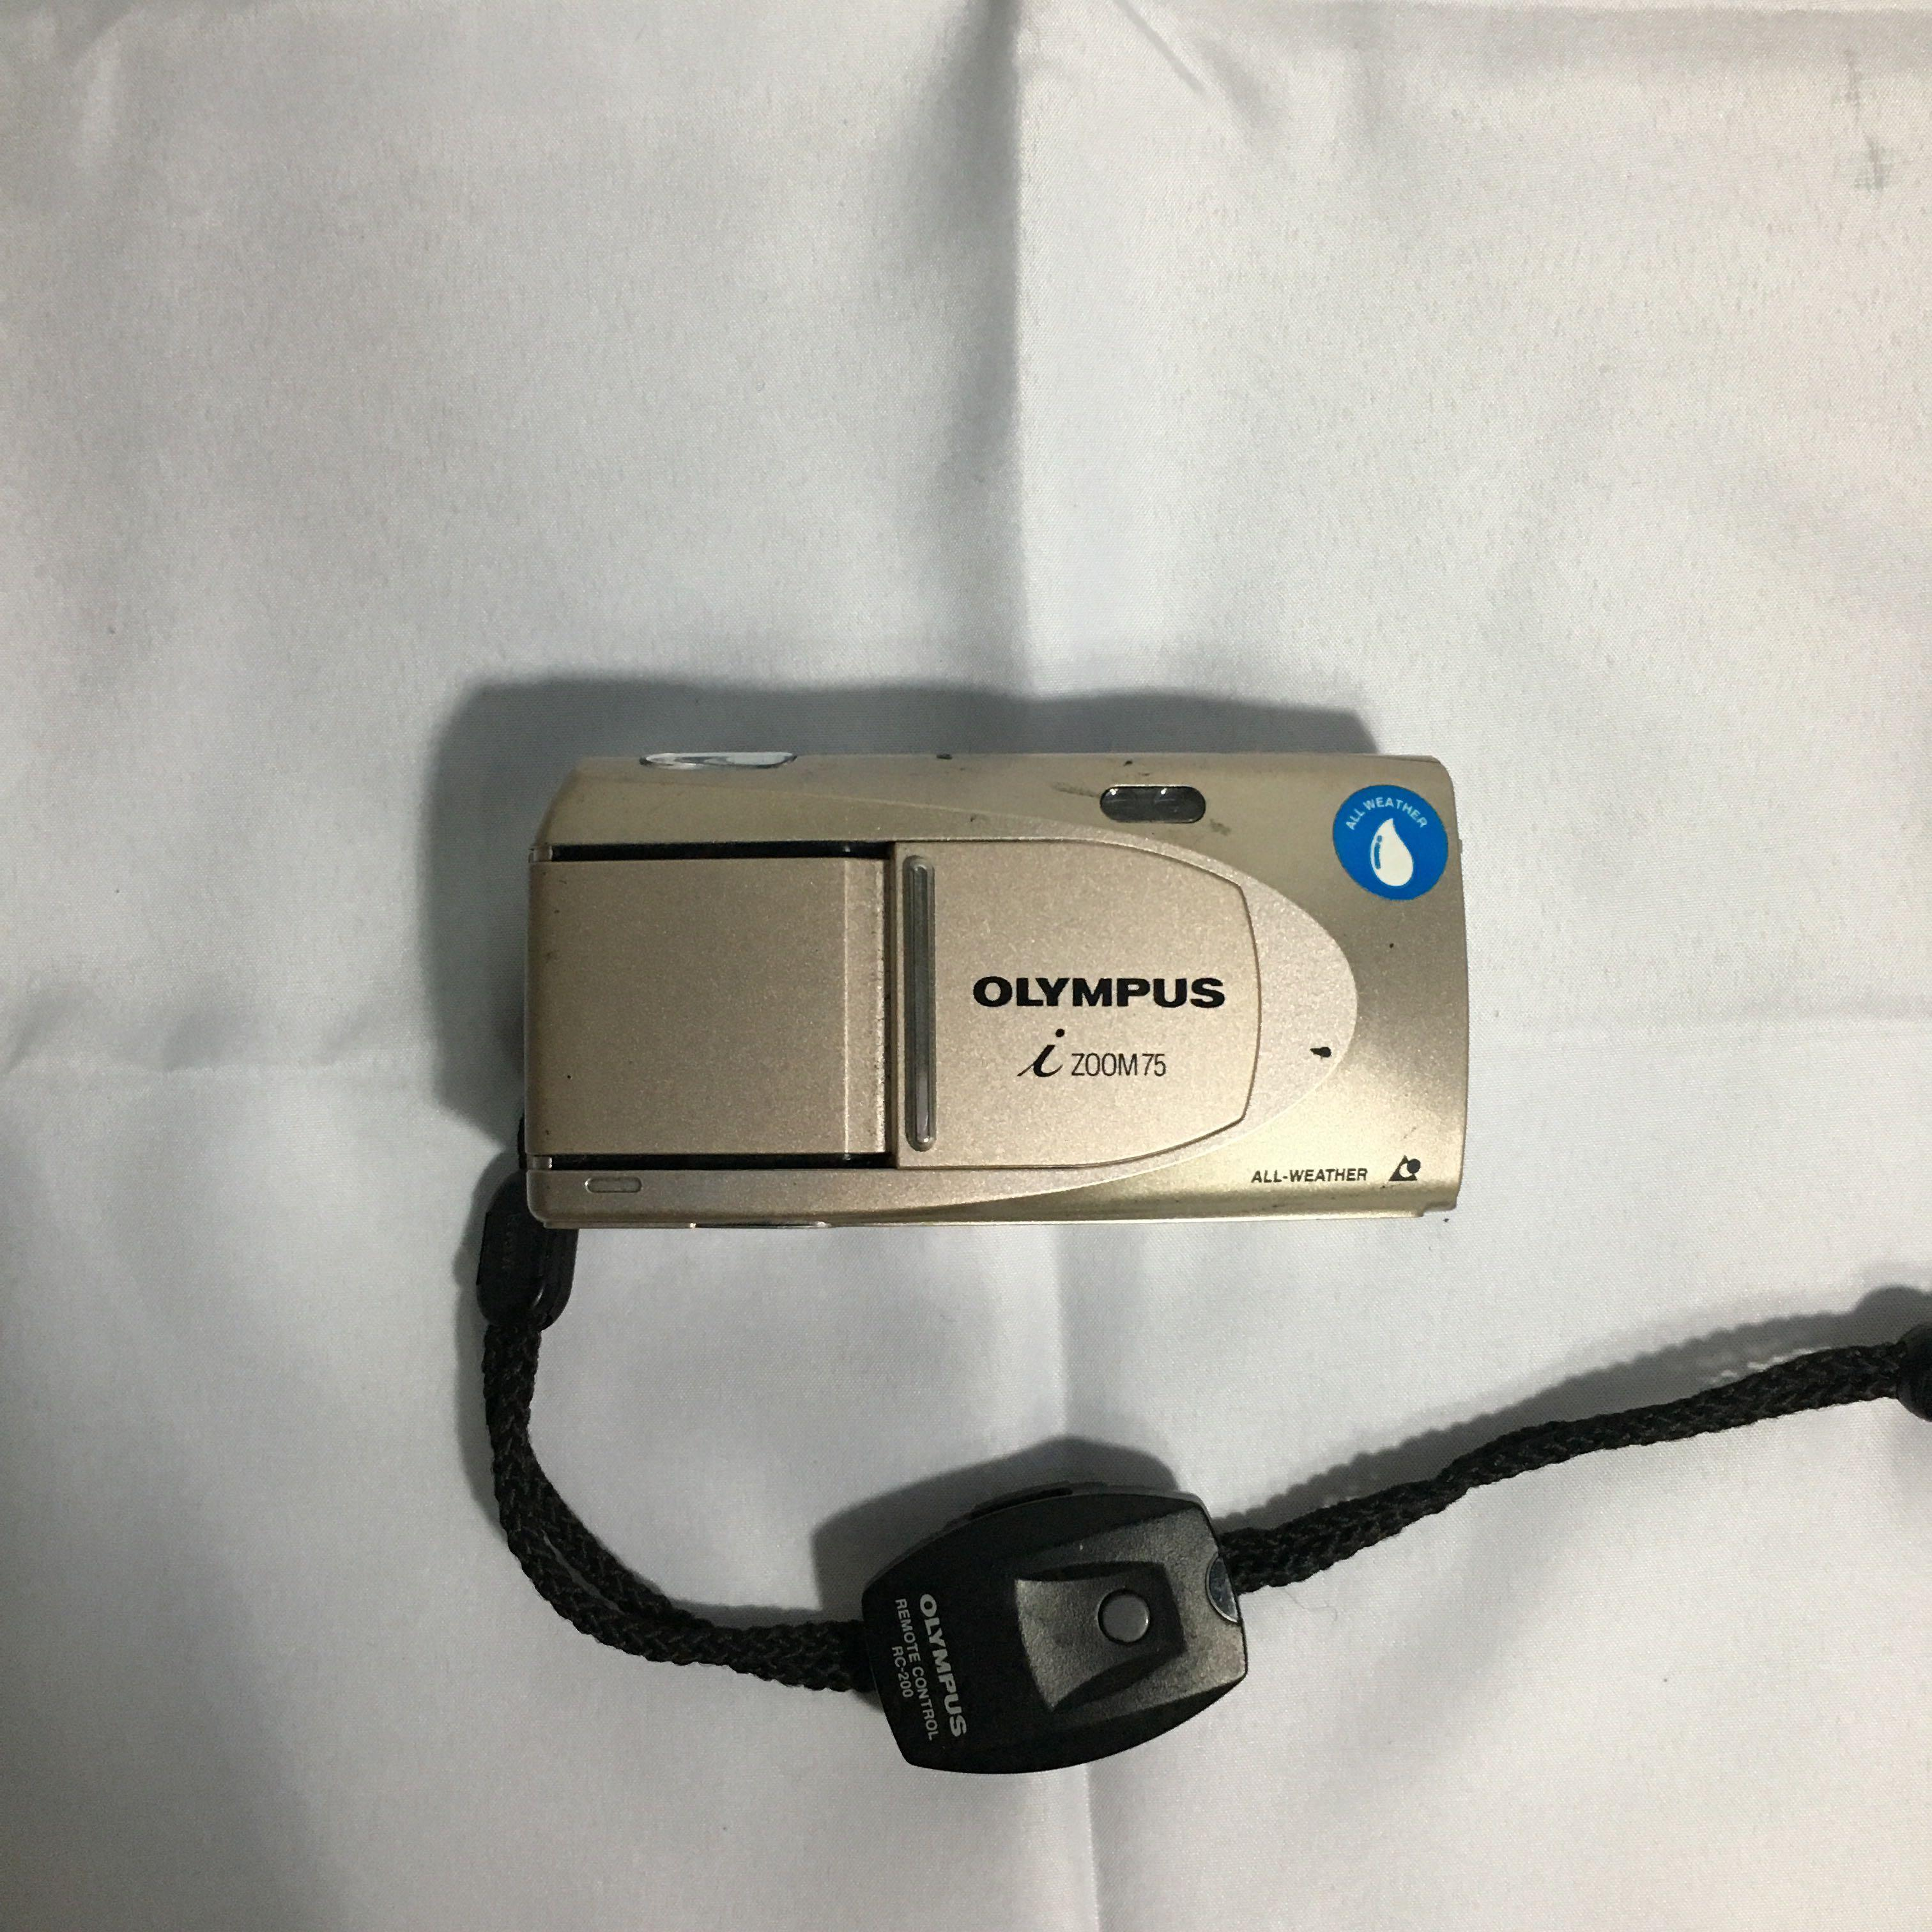 Olympus I-Zoom 75 APS Film Camera